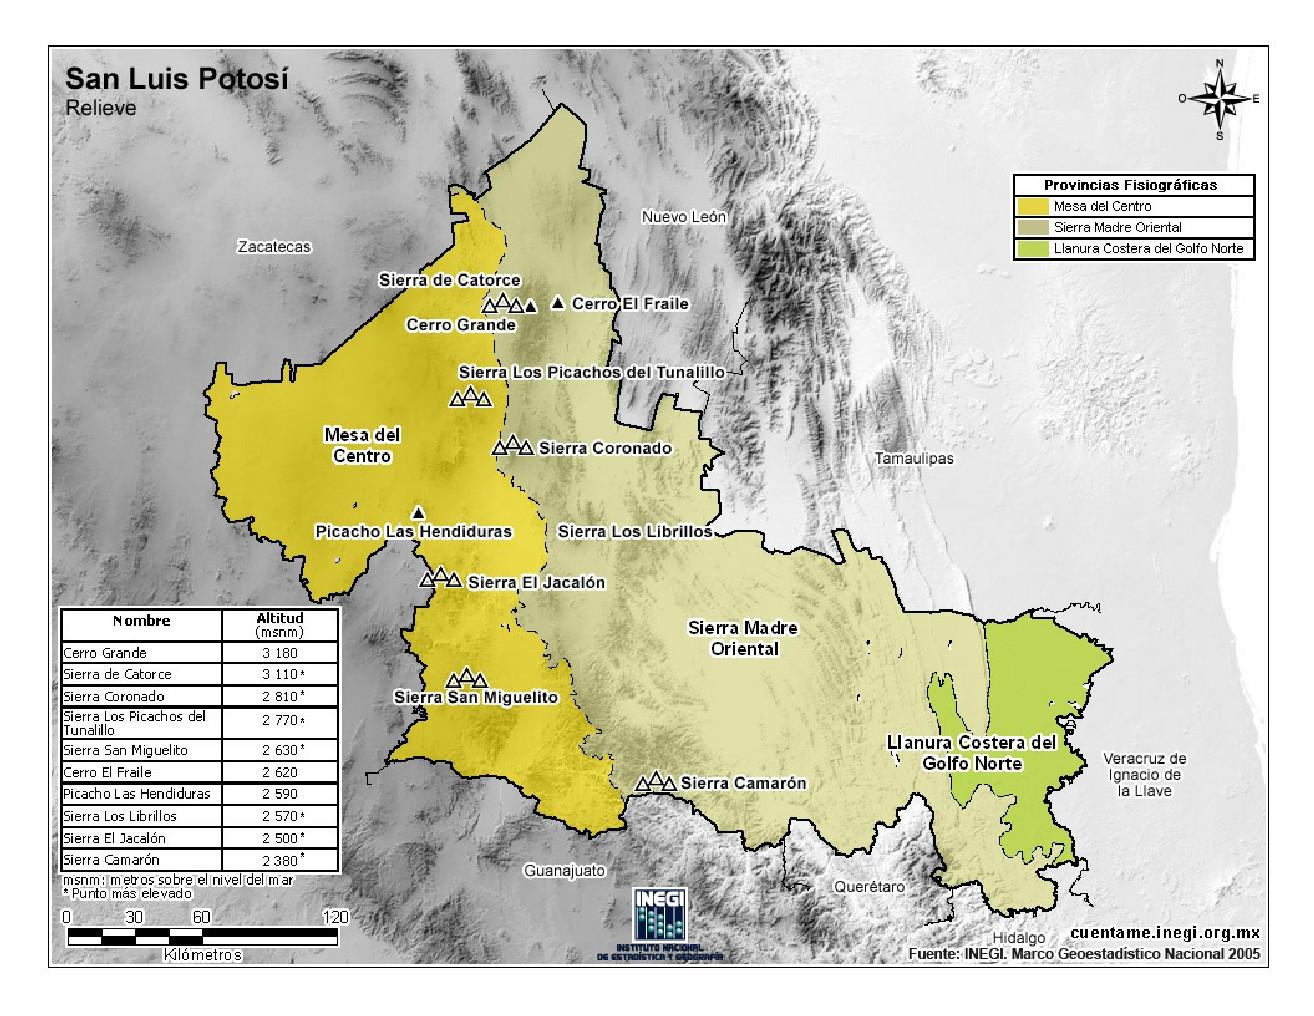 Mapa en color de montañas de San Luis Potosí. INEGI de México